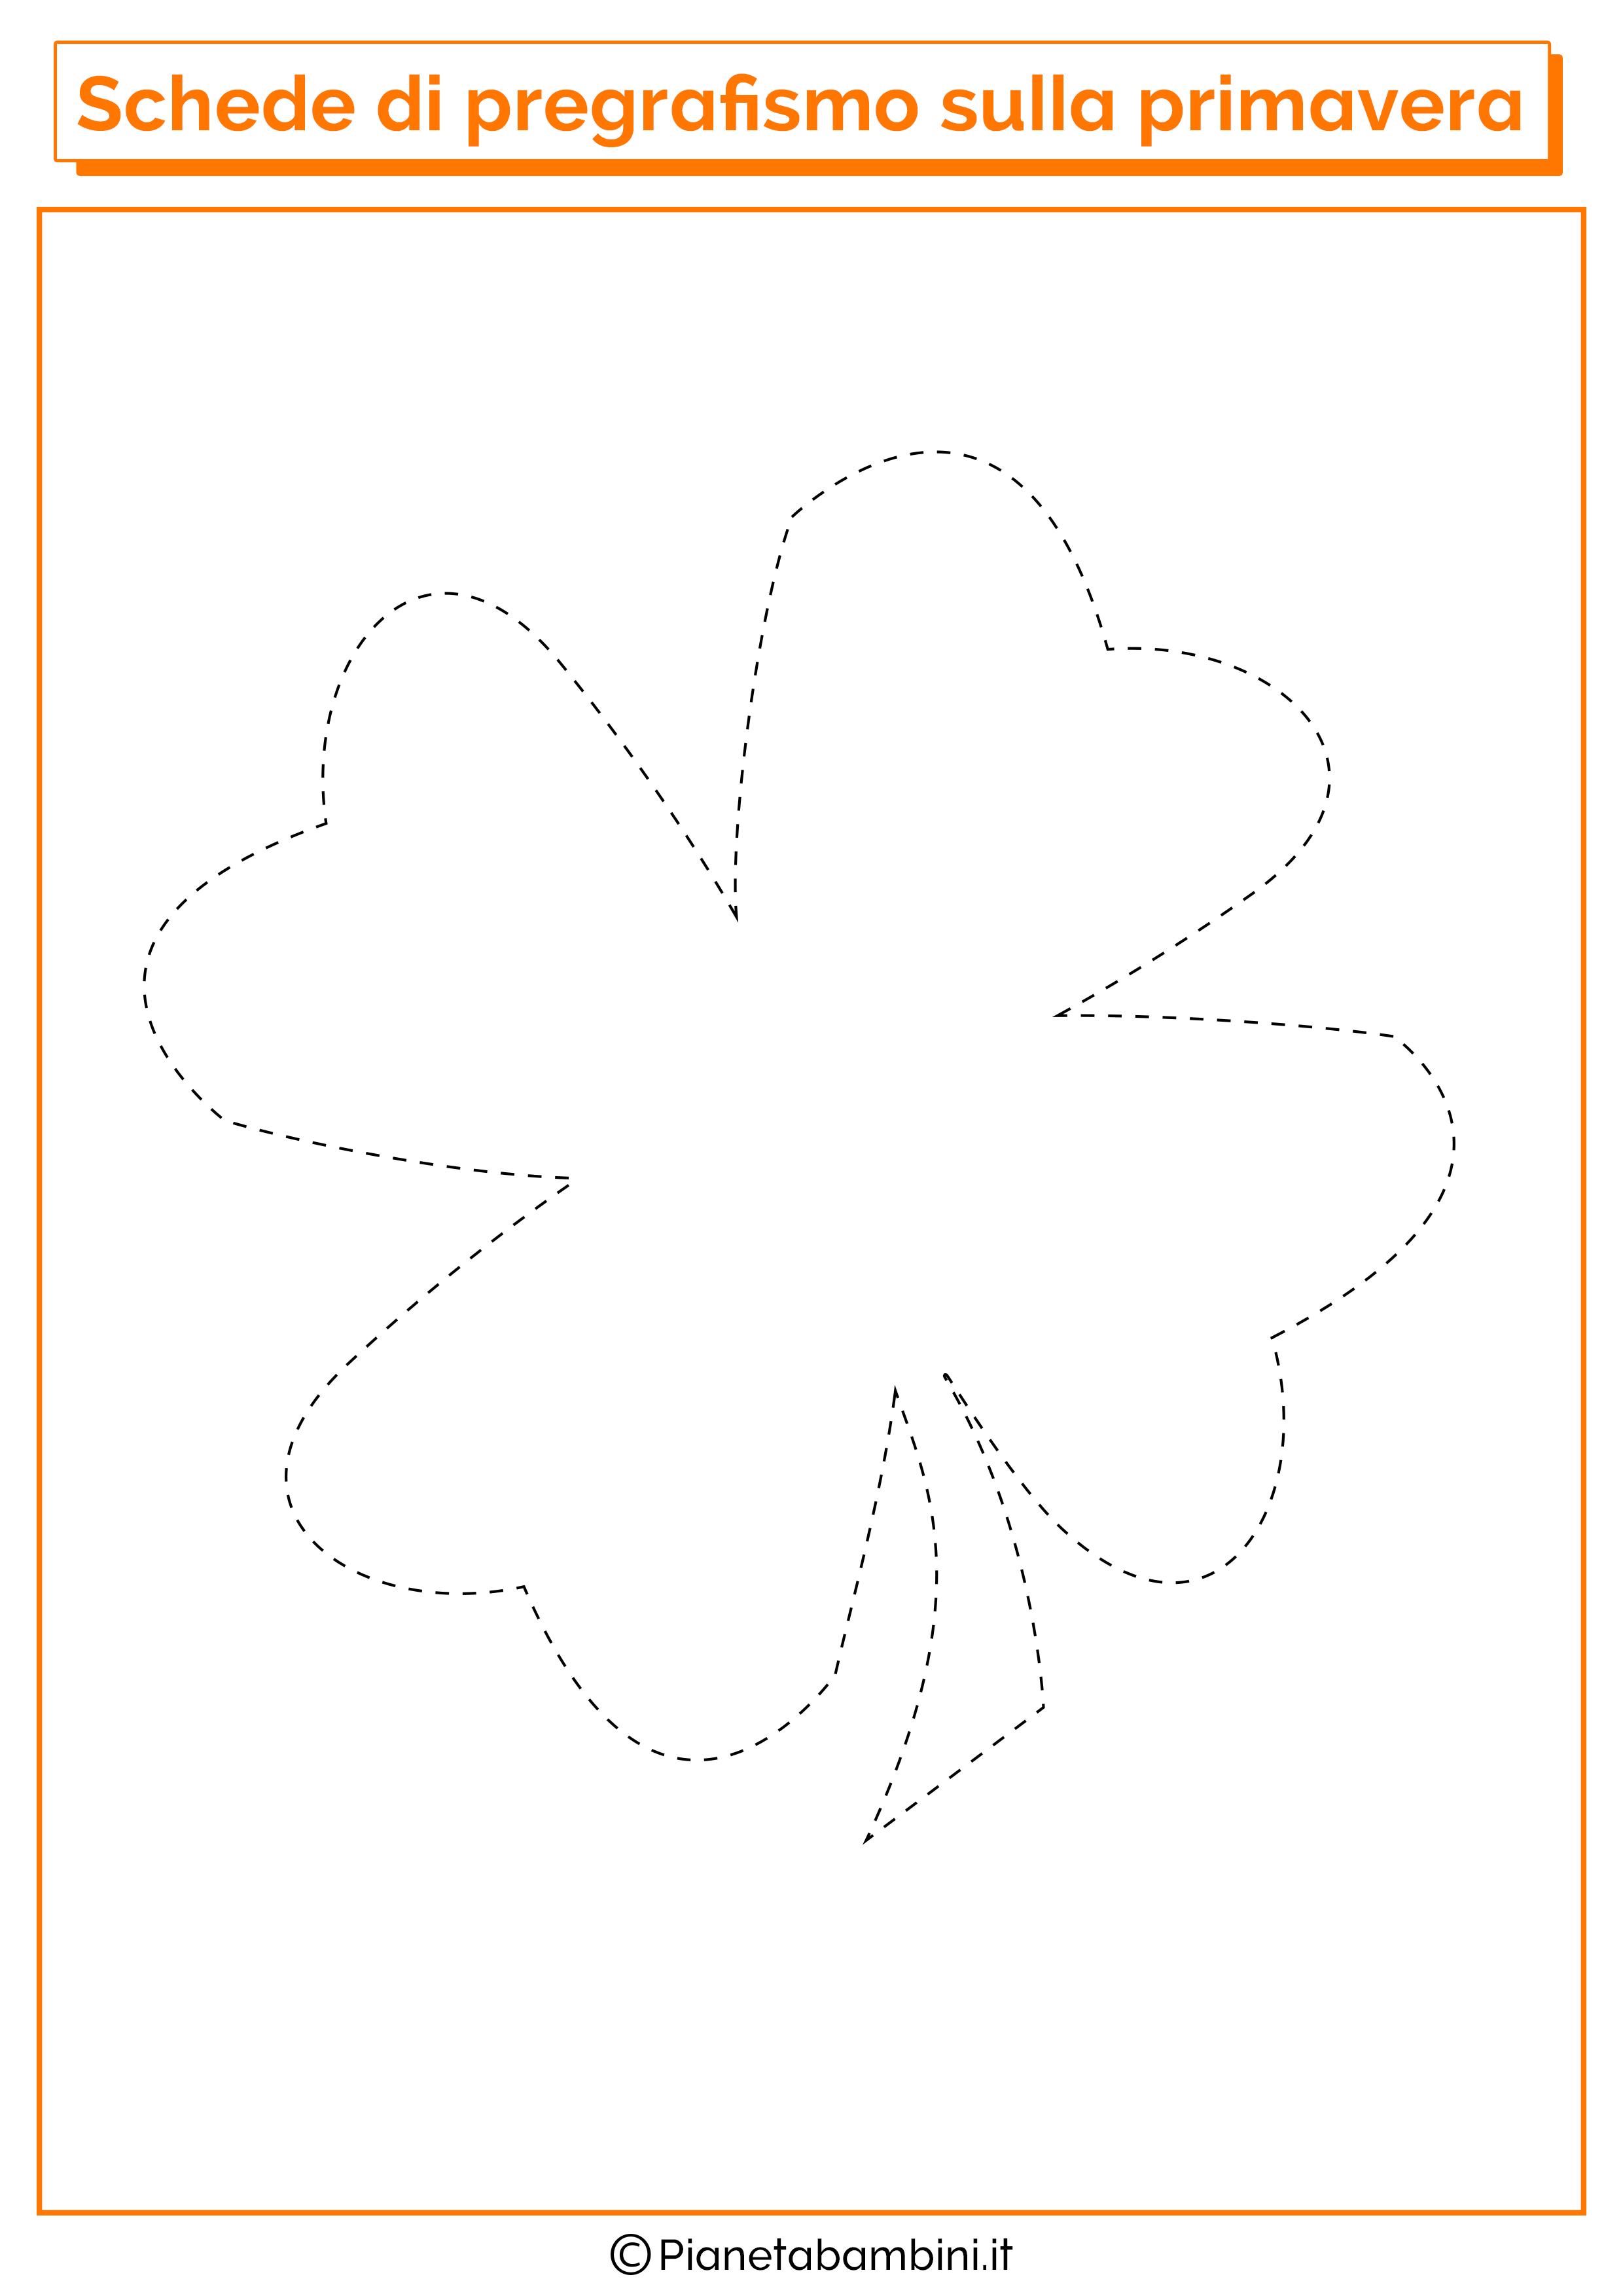 Pregrafismo-Primavera-Quadrifoglio